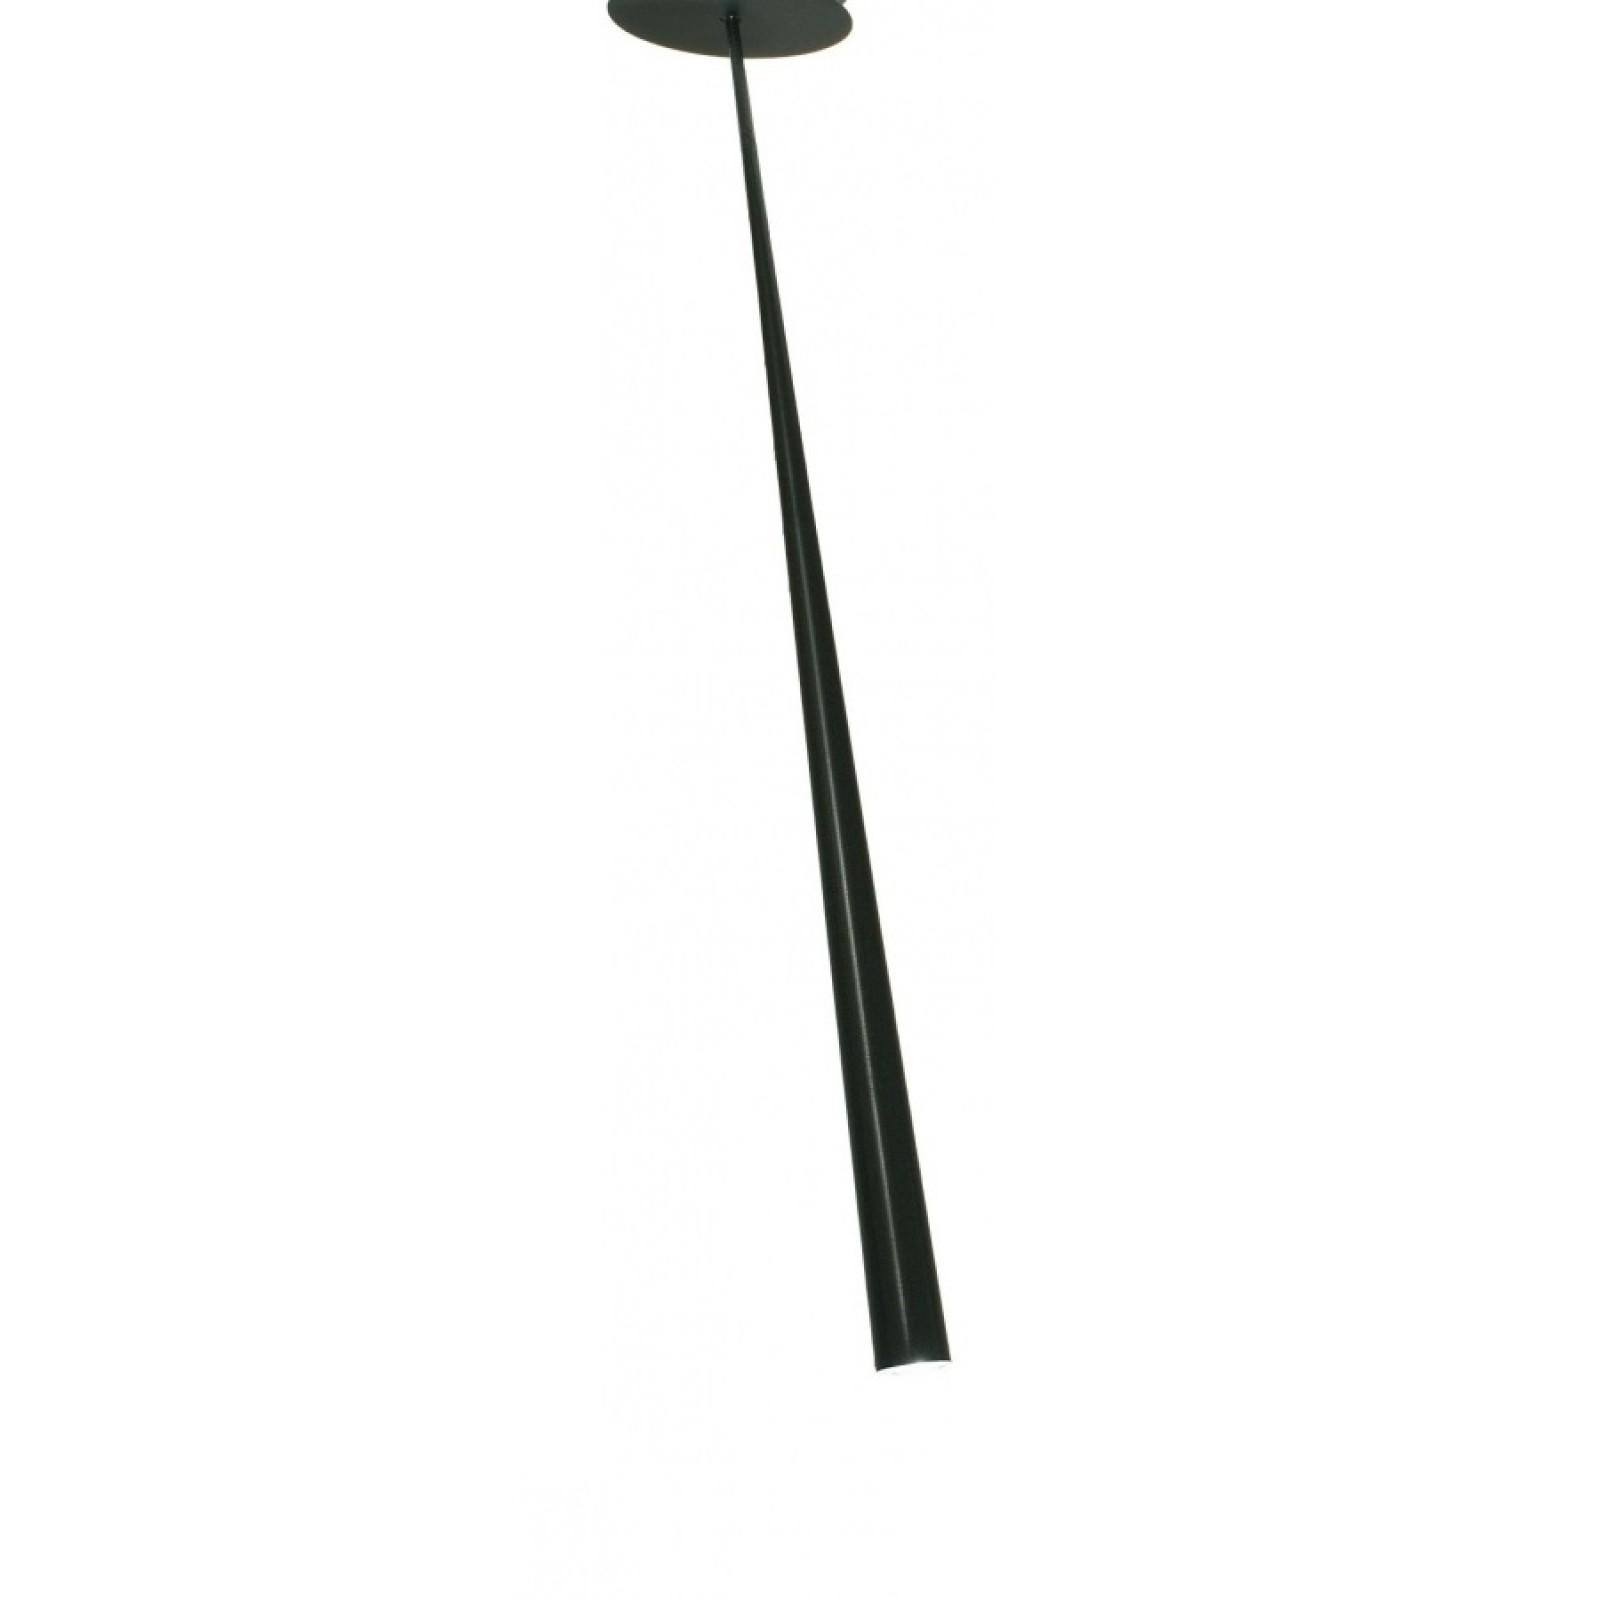 Φωτιστικό Οροφής Drink 127 - Karboxx